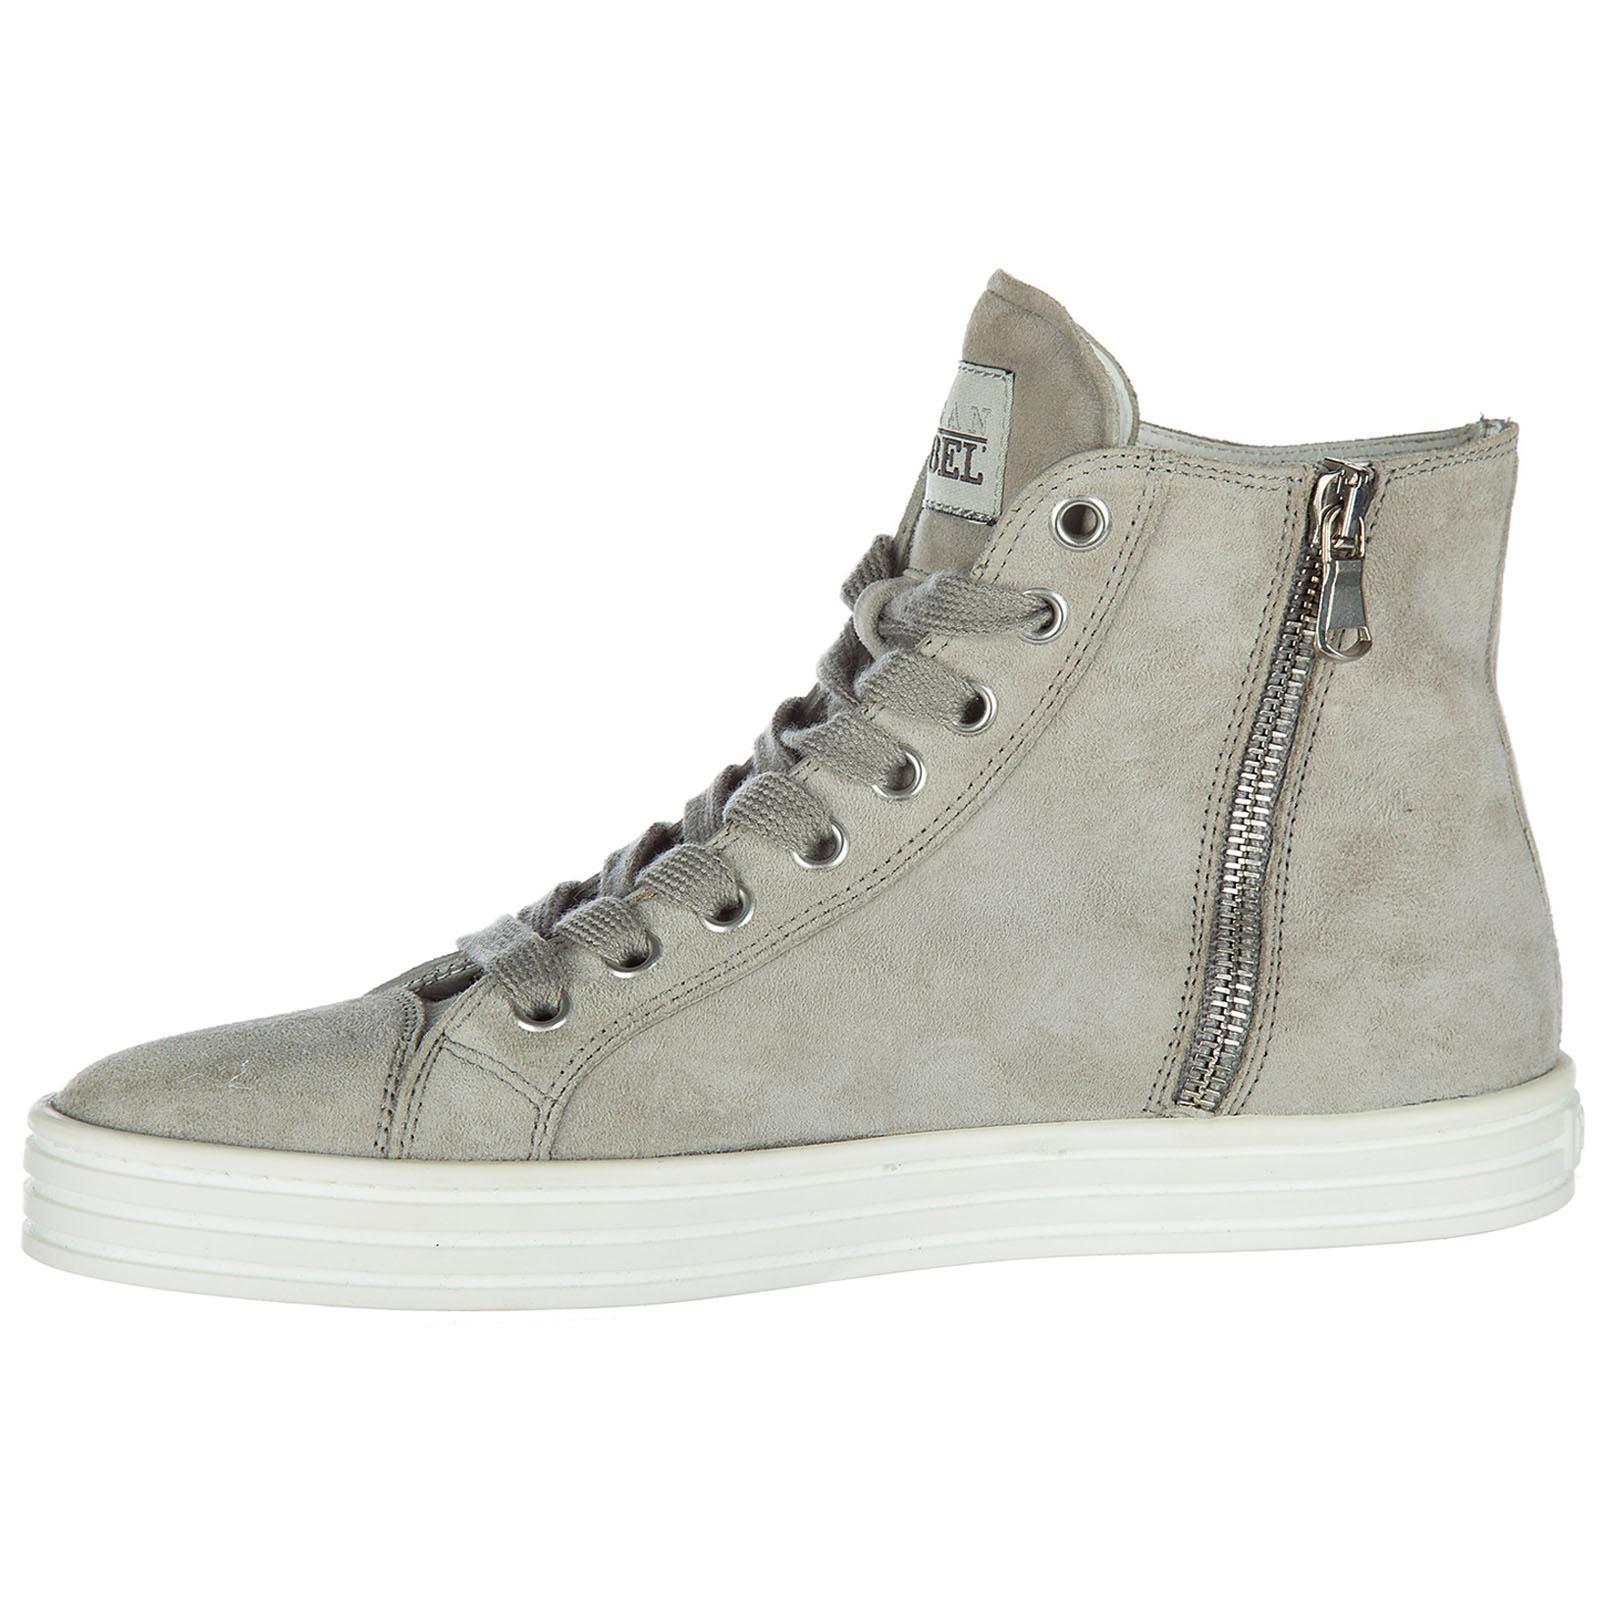 Hogan Rebel Scarpe Sneakers Alte Donna in Camoscio Nuove r141 Beige EU 35.5 HXW1410H1601SG574O B4Cm4if